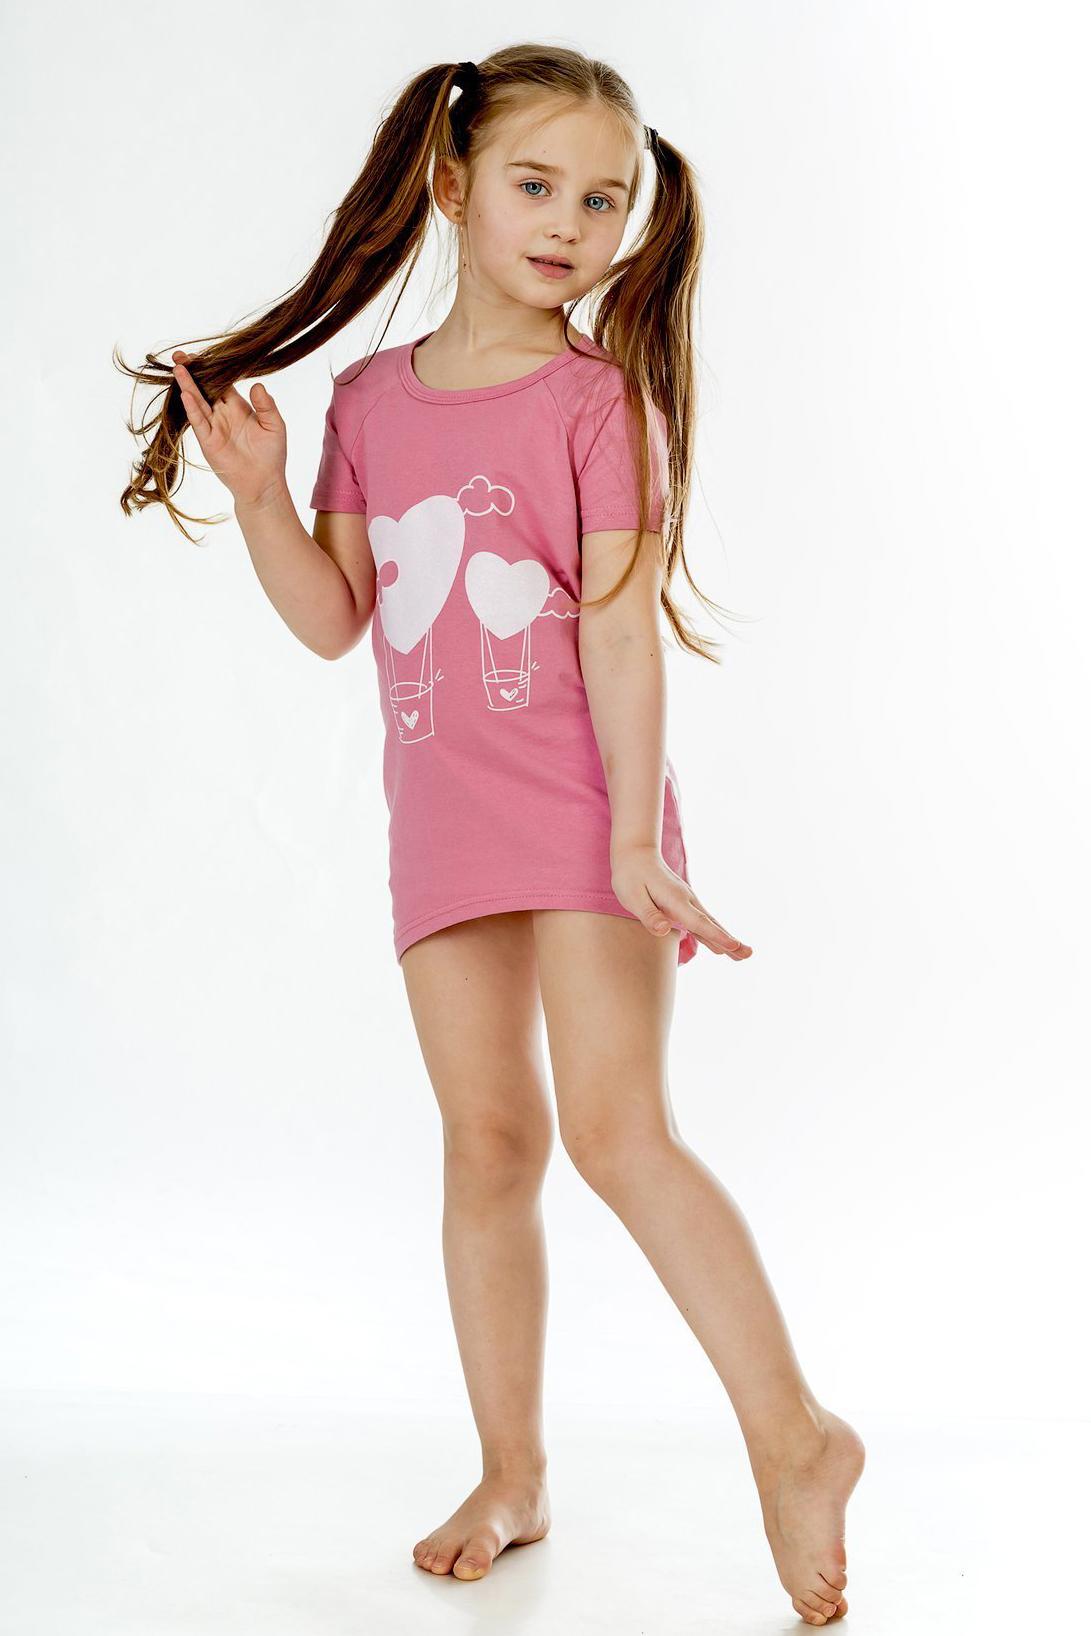 Детские туники, сарафаны Pastilla Туника Стелла Цвет: Брусника (7 лет) купить часы мальчику 7 лет